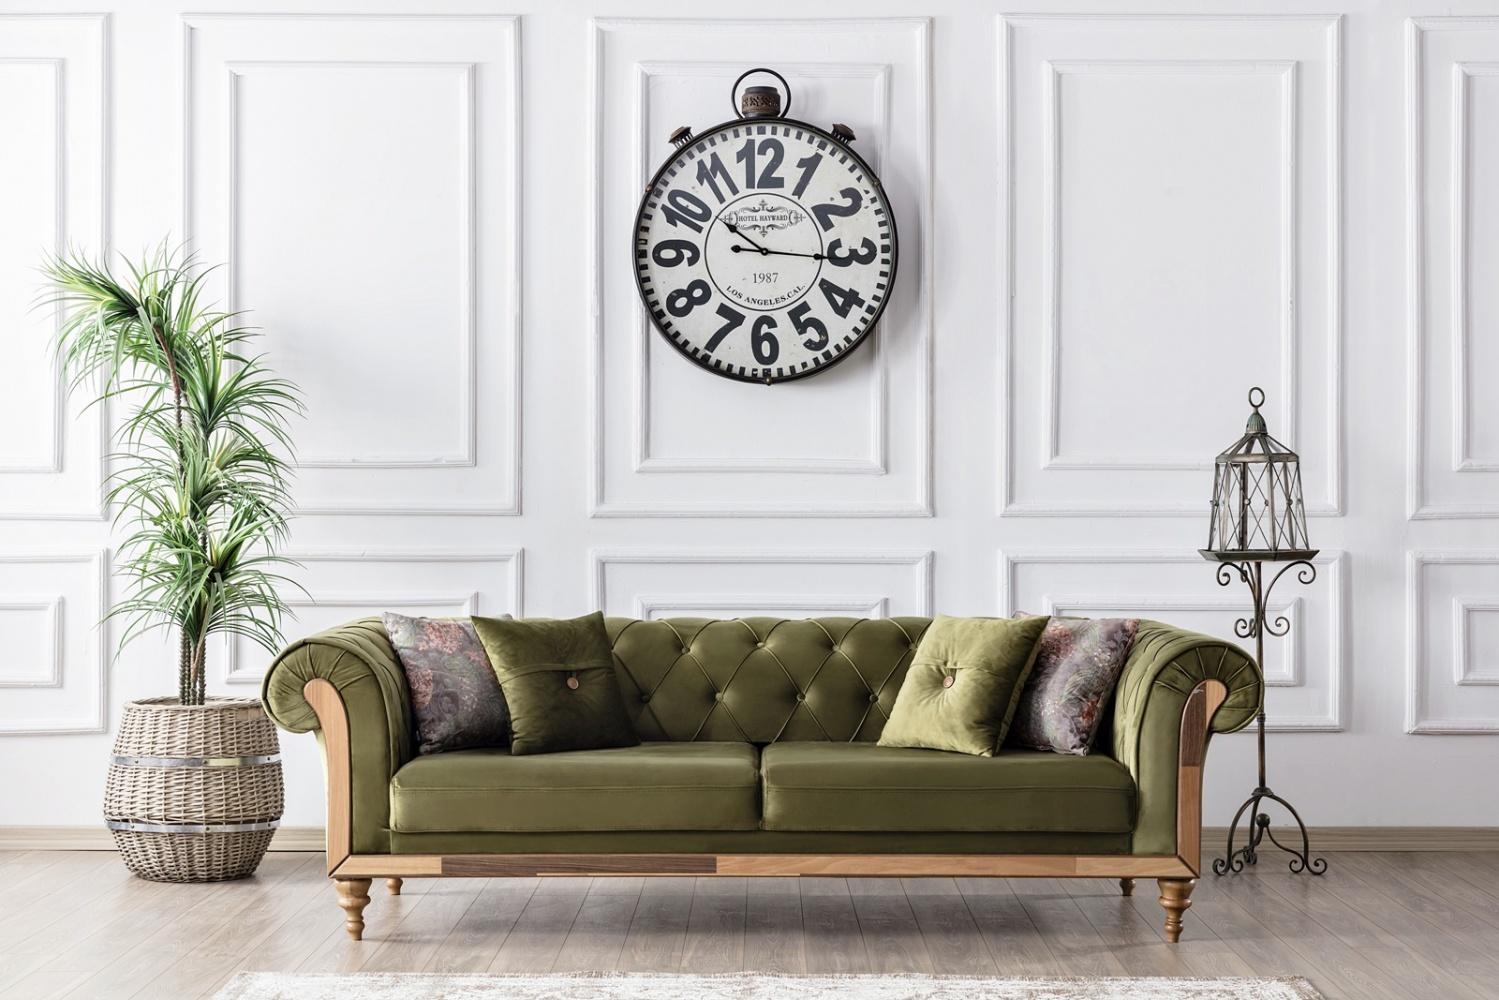 DesignSofaGrn_Couch3-Sitzer_DesignCouchGrnLifa_FNL0440copy